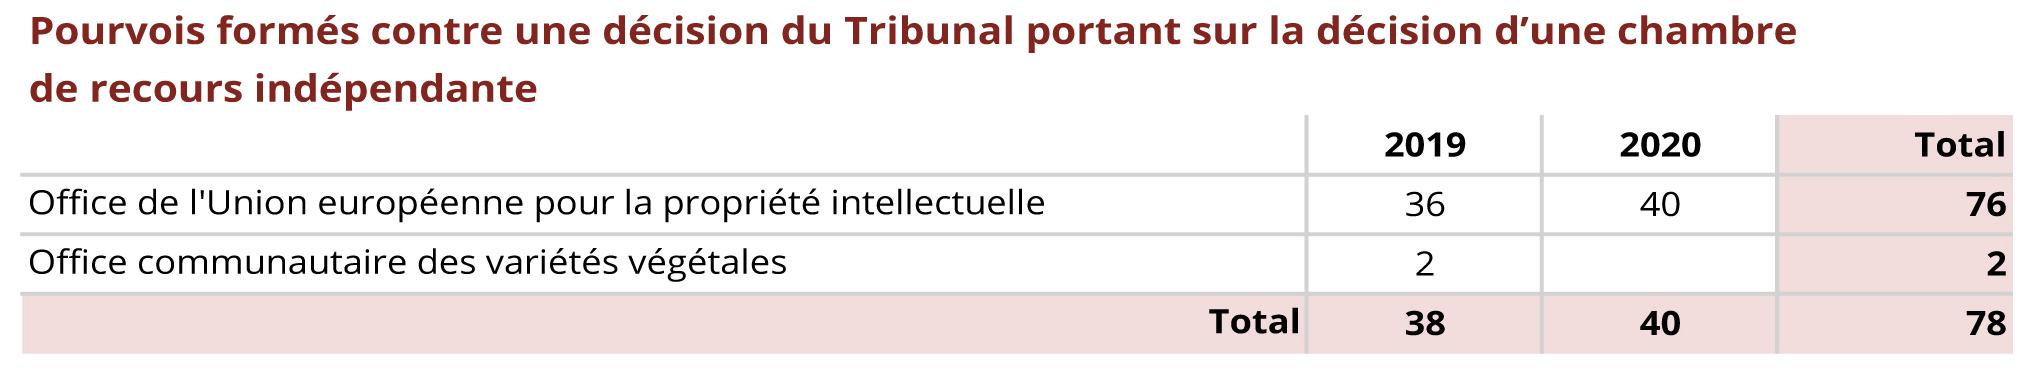 Pourvois formés contre une décision du Tribunal portant sur la décision d'une chambre de recours indépendante